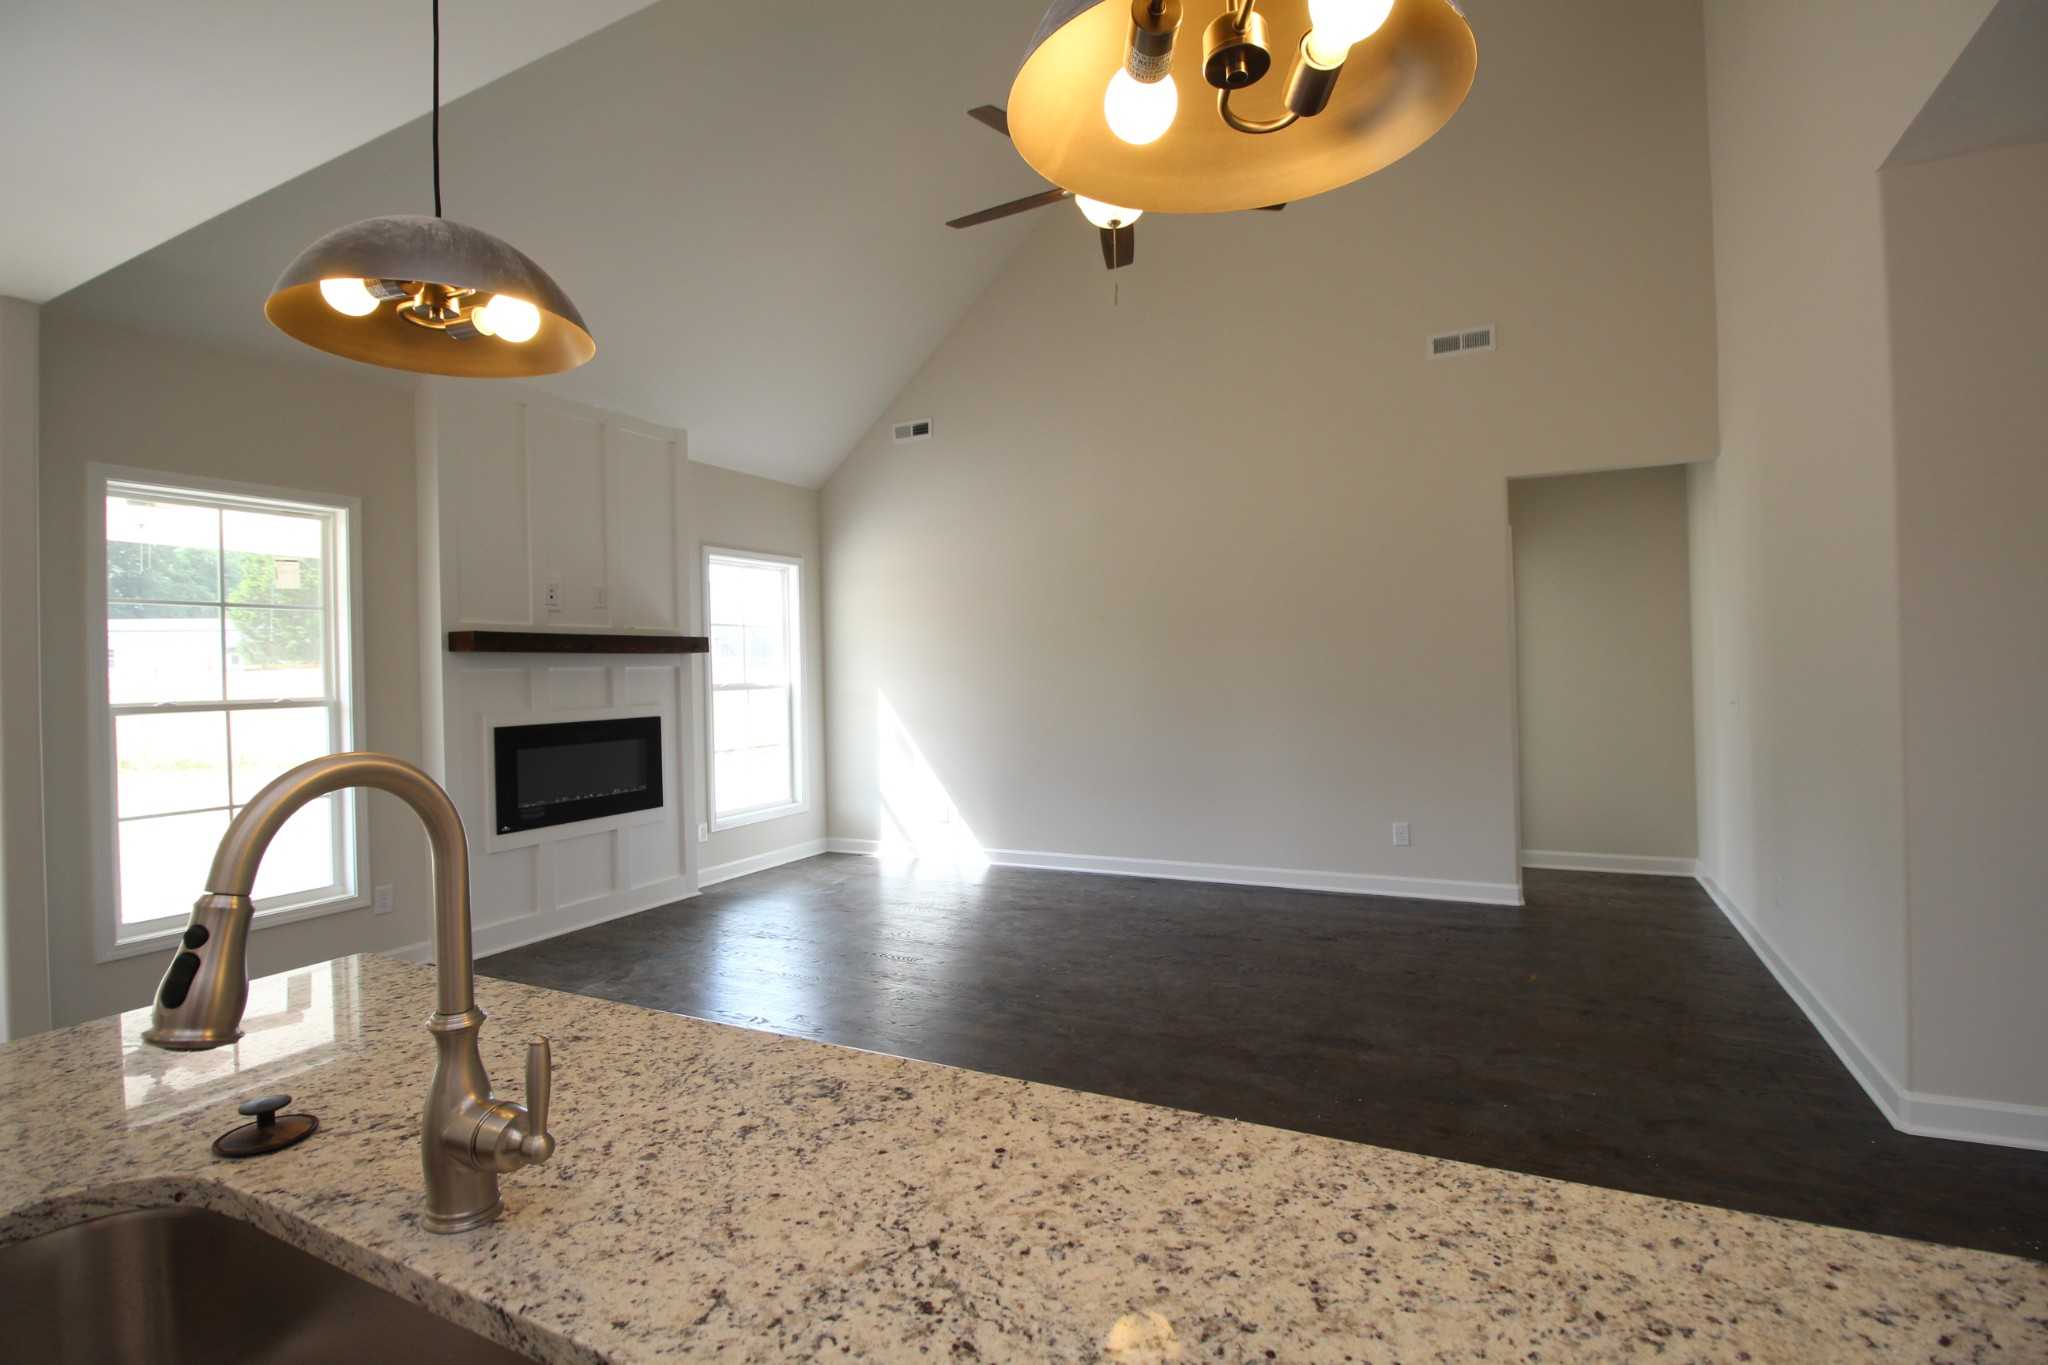 7067 Hwy 99, Rockvale, TN 37153 - Rockvale, TN real estate listing